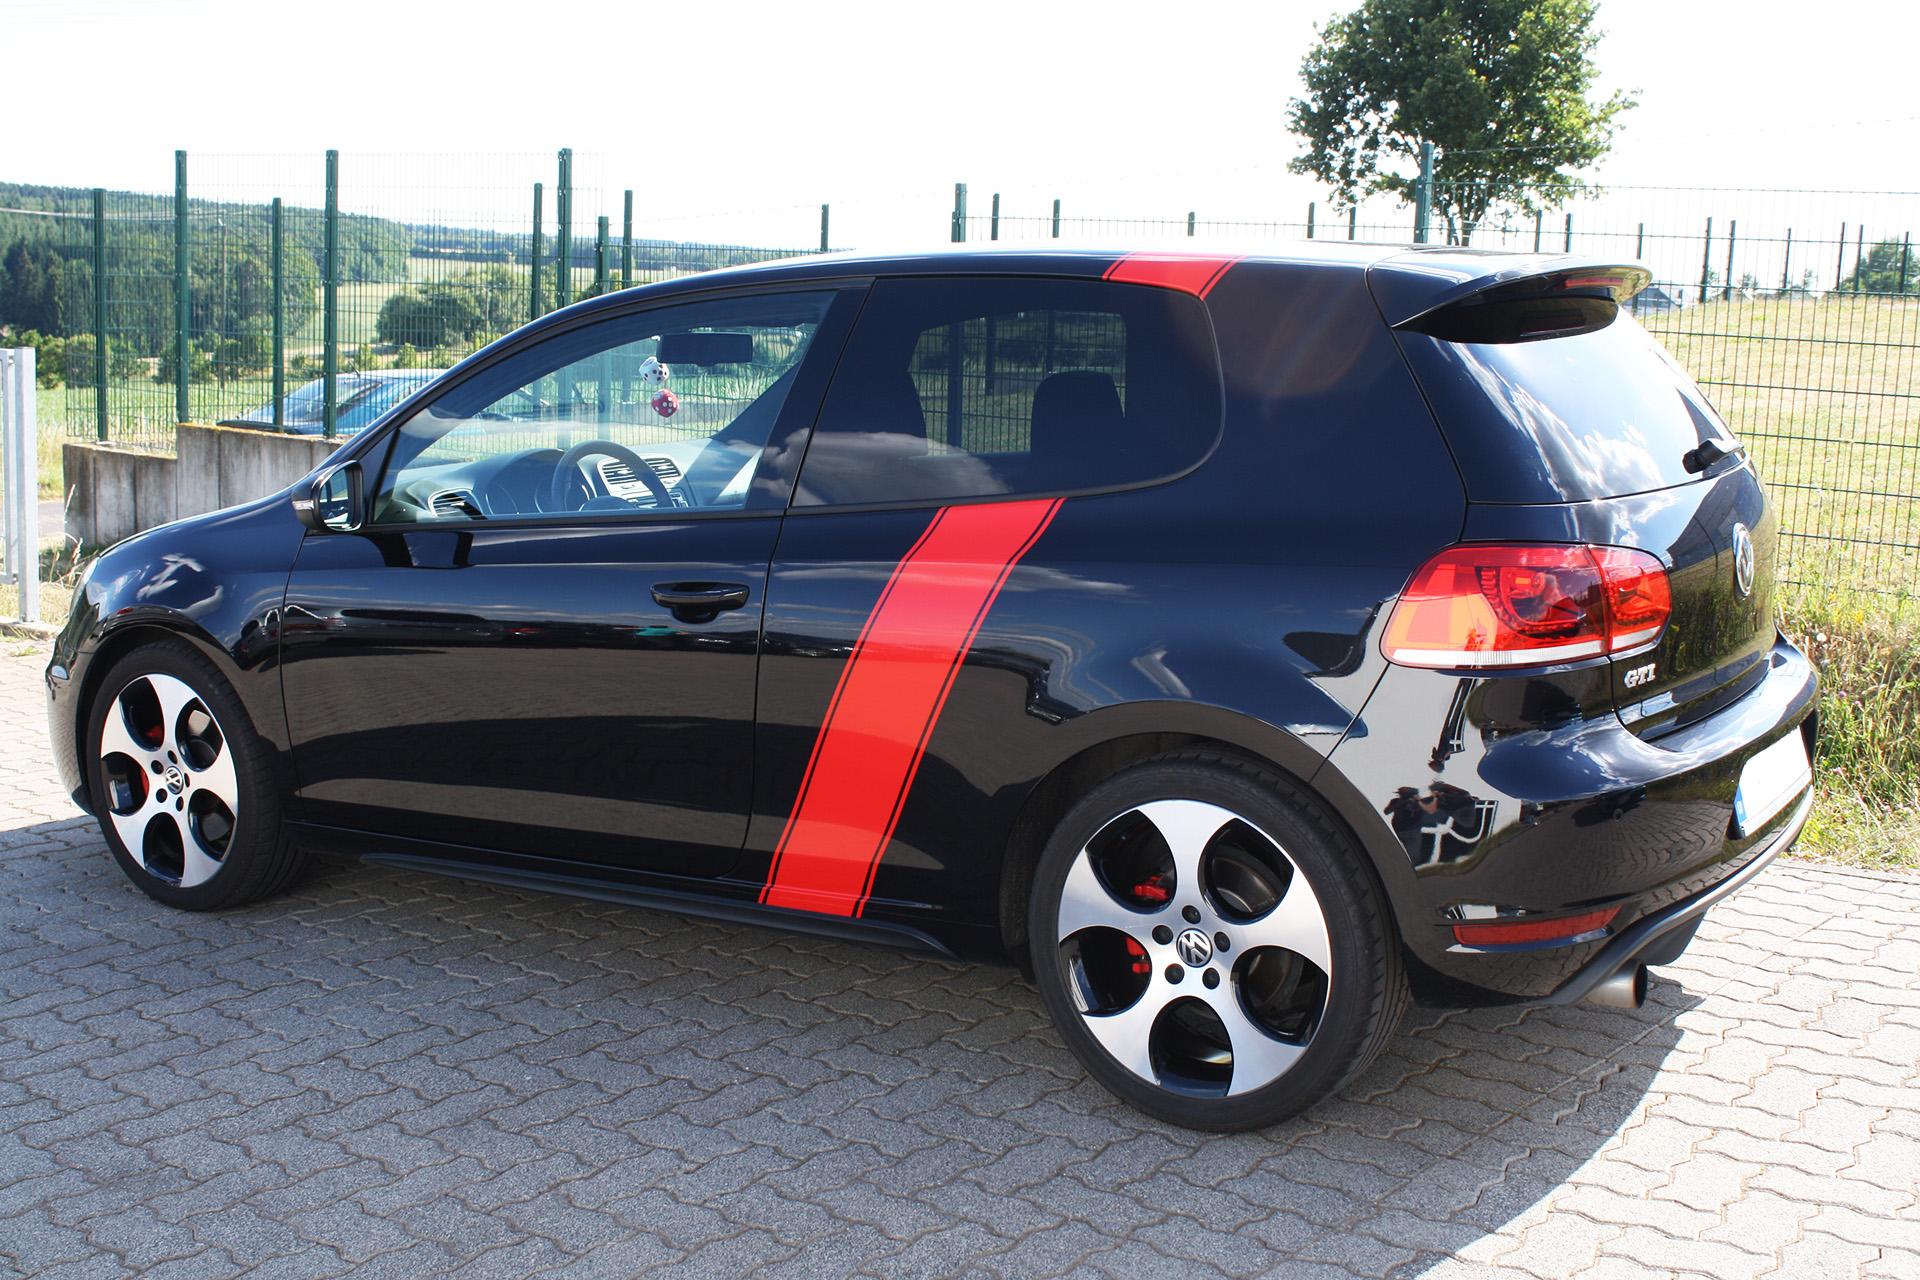 VW Golf 6 GTI Folierung